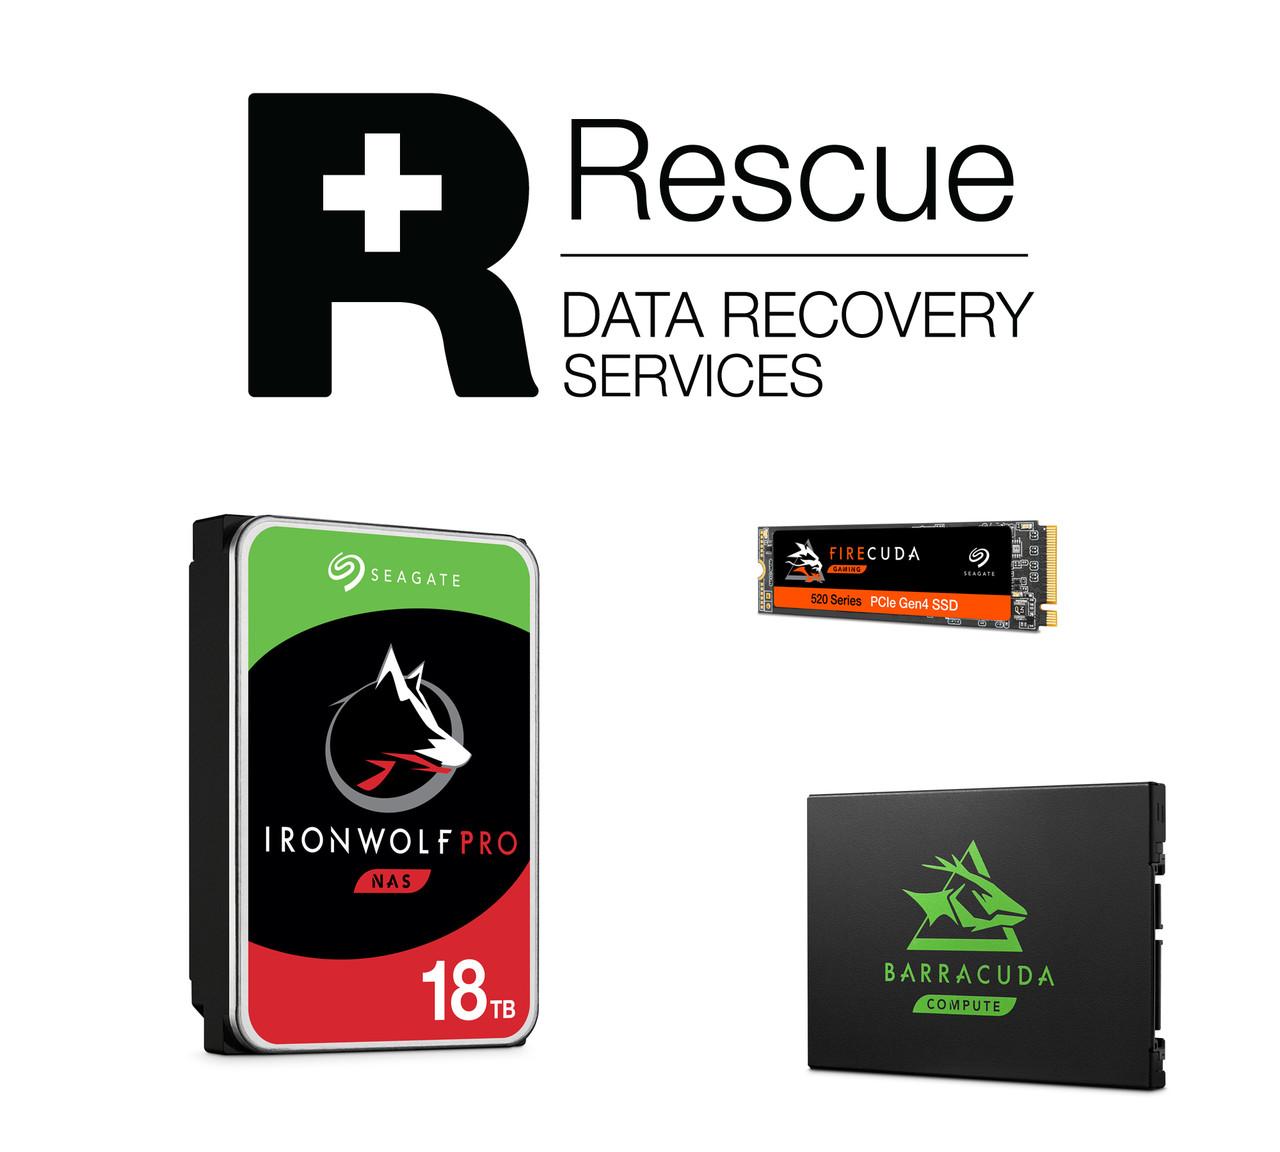 ▲ 씨게이트 정품 HDD · SSD 사용자를 위한 데이터 복구 서비스 '레스큐 플랜'